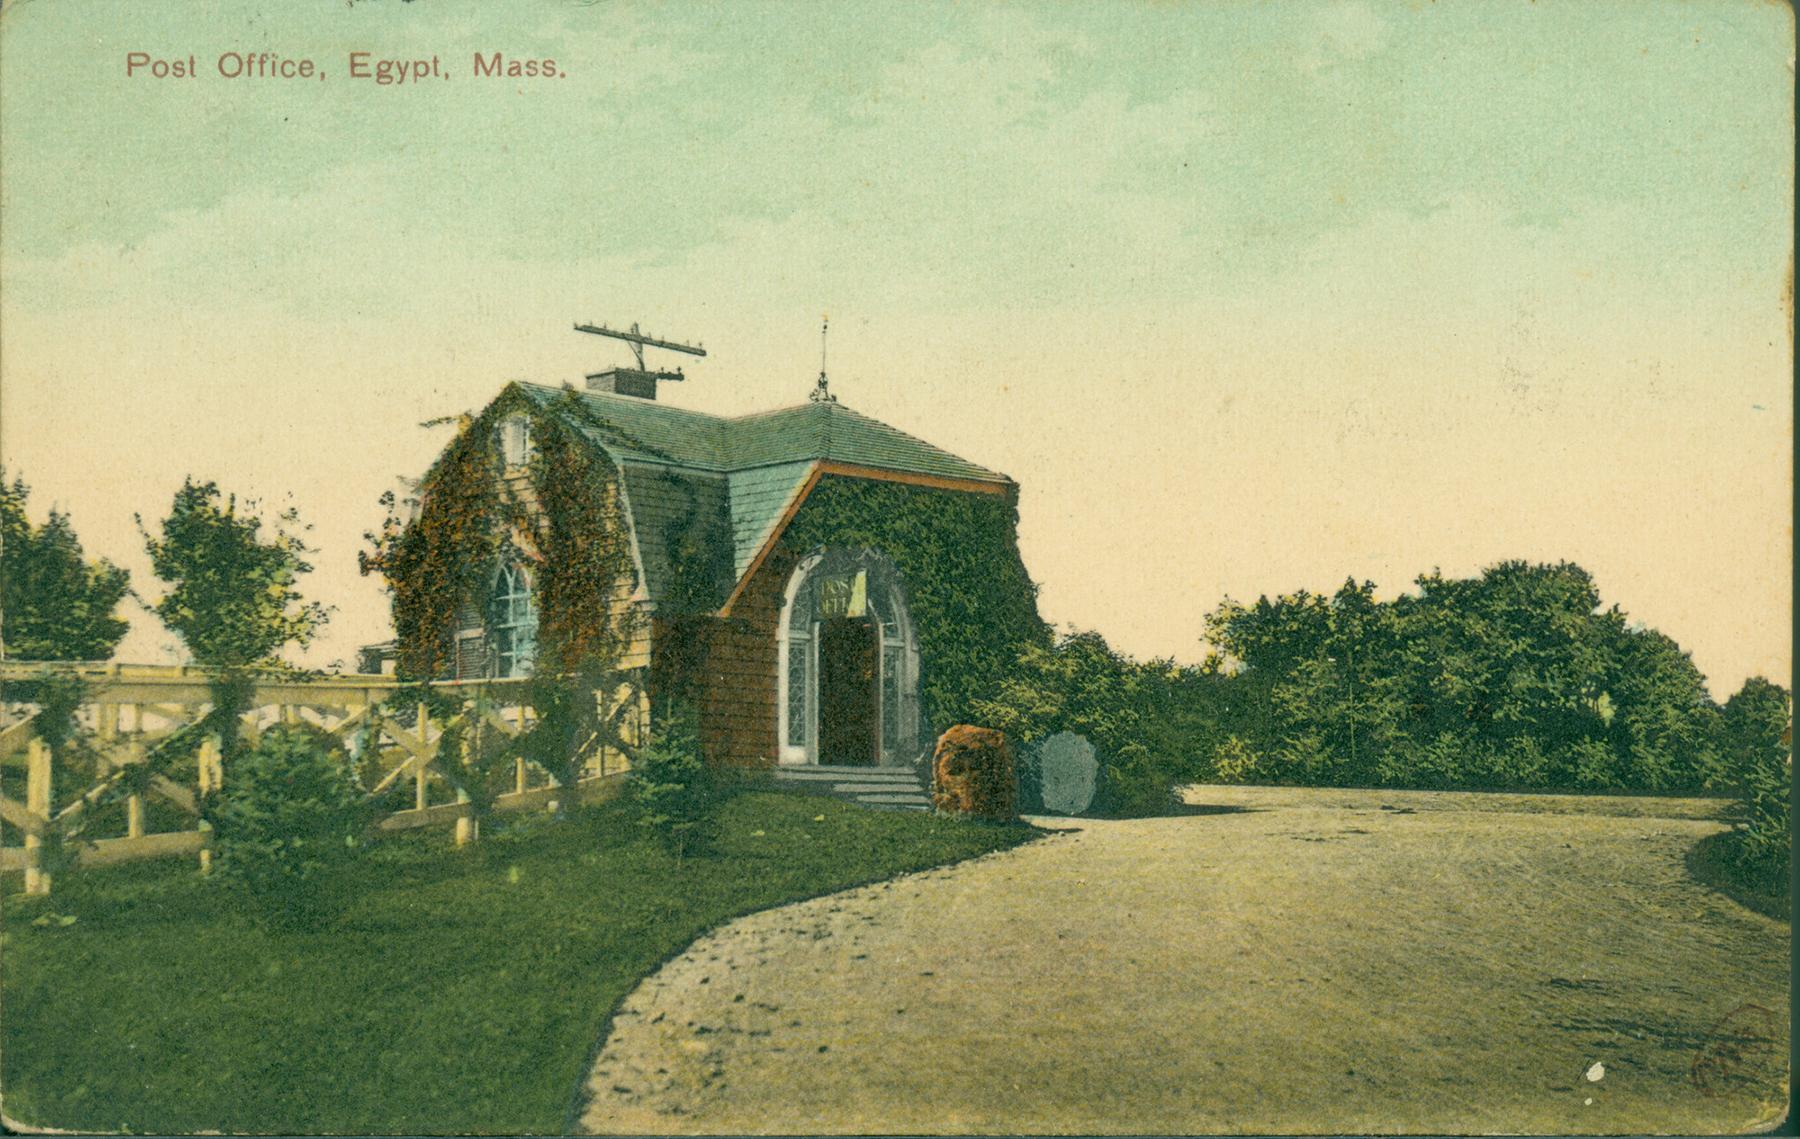 Egypt Mass., post office